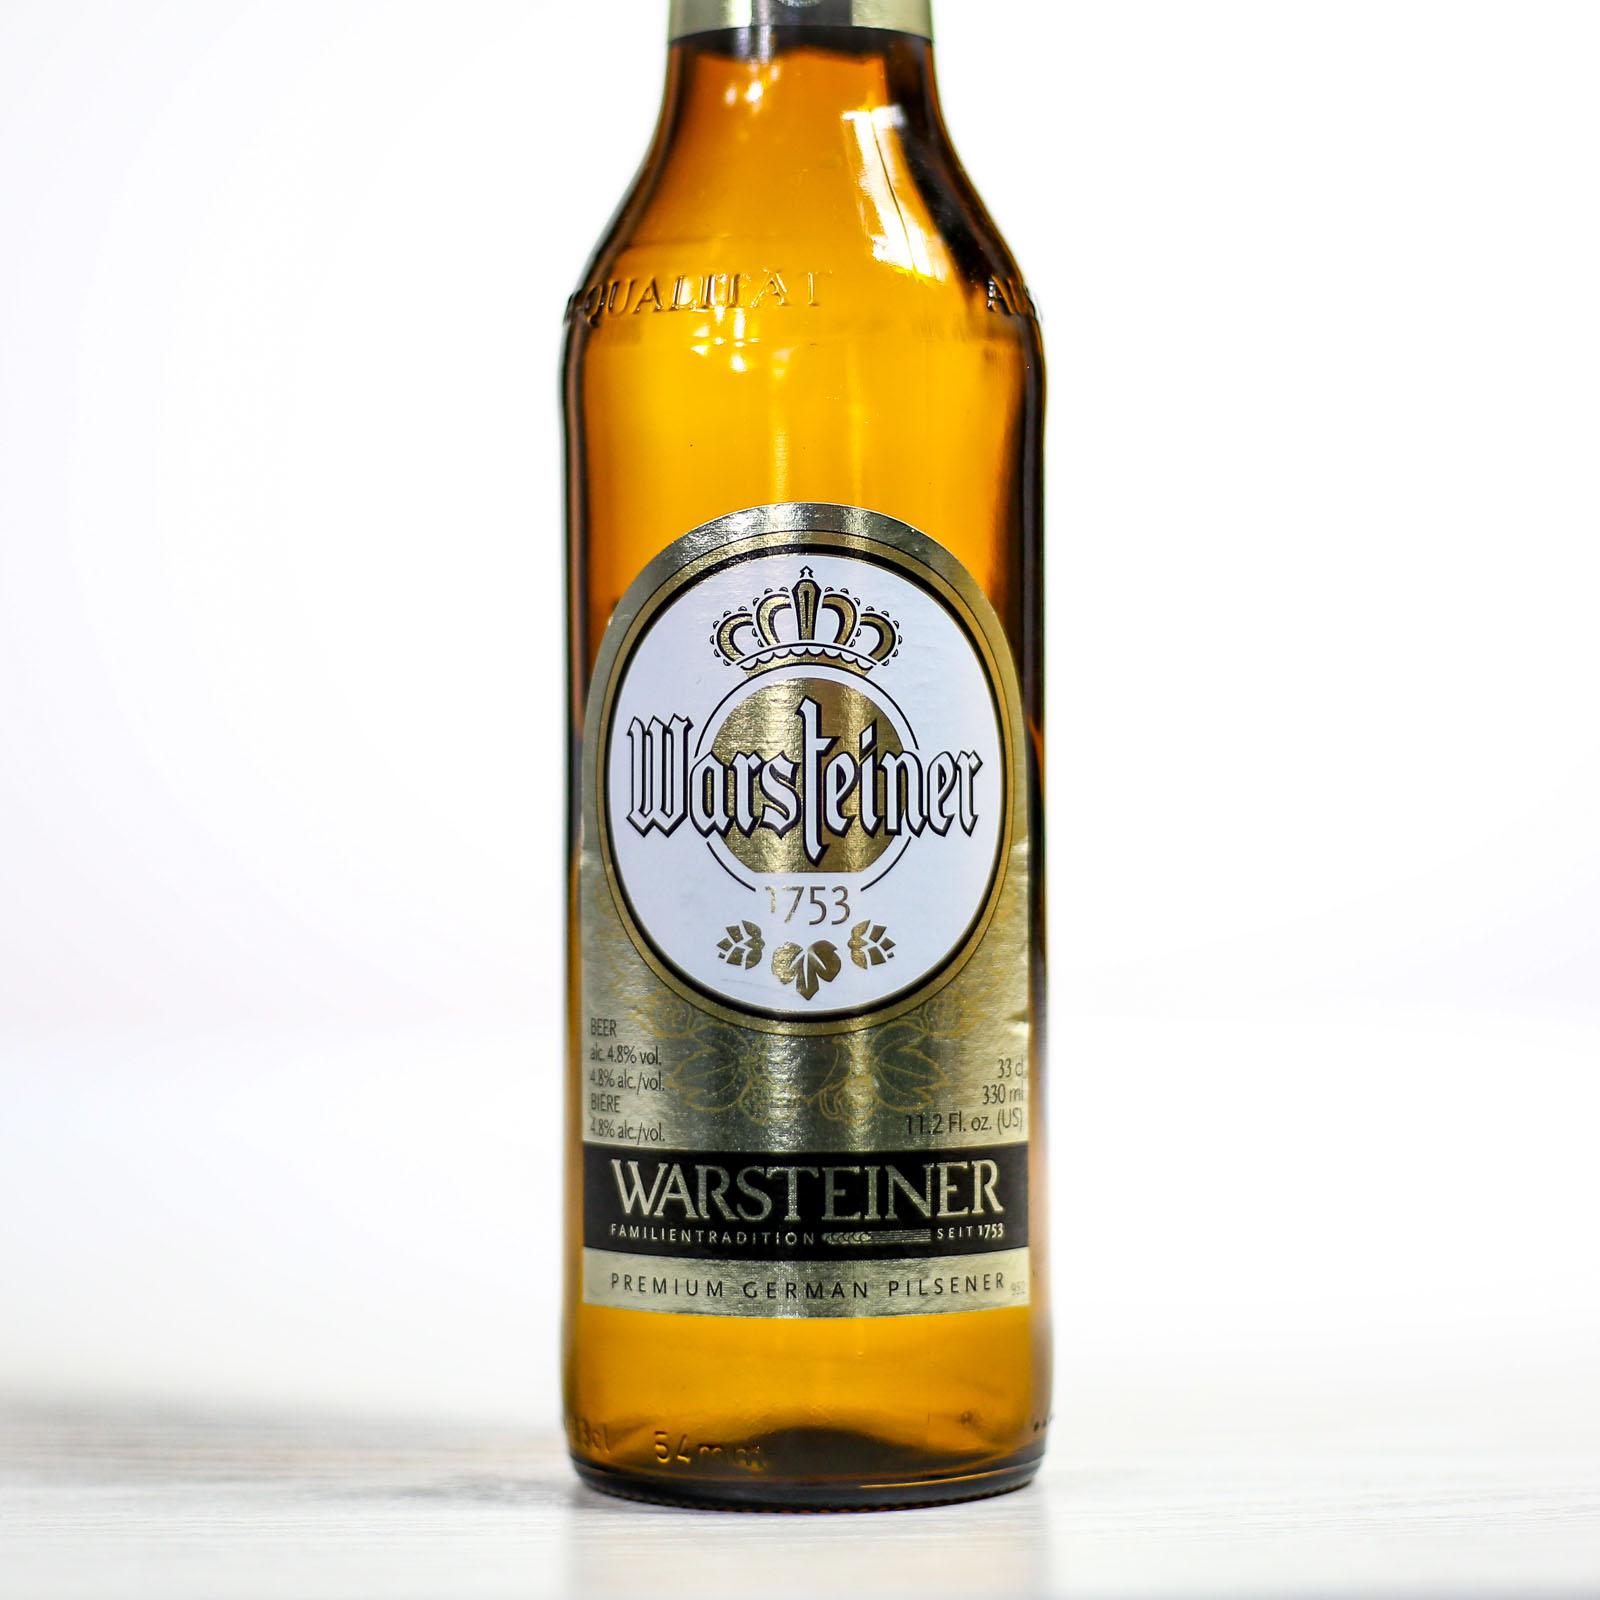 Warsteiner - Warsteiner Premium Verum / German Pilsener